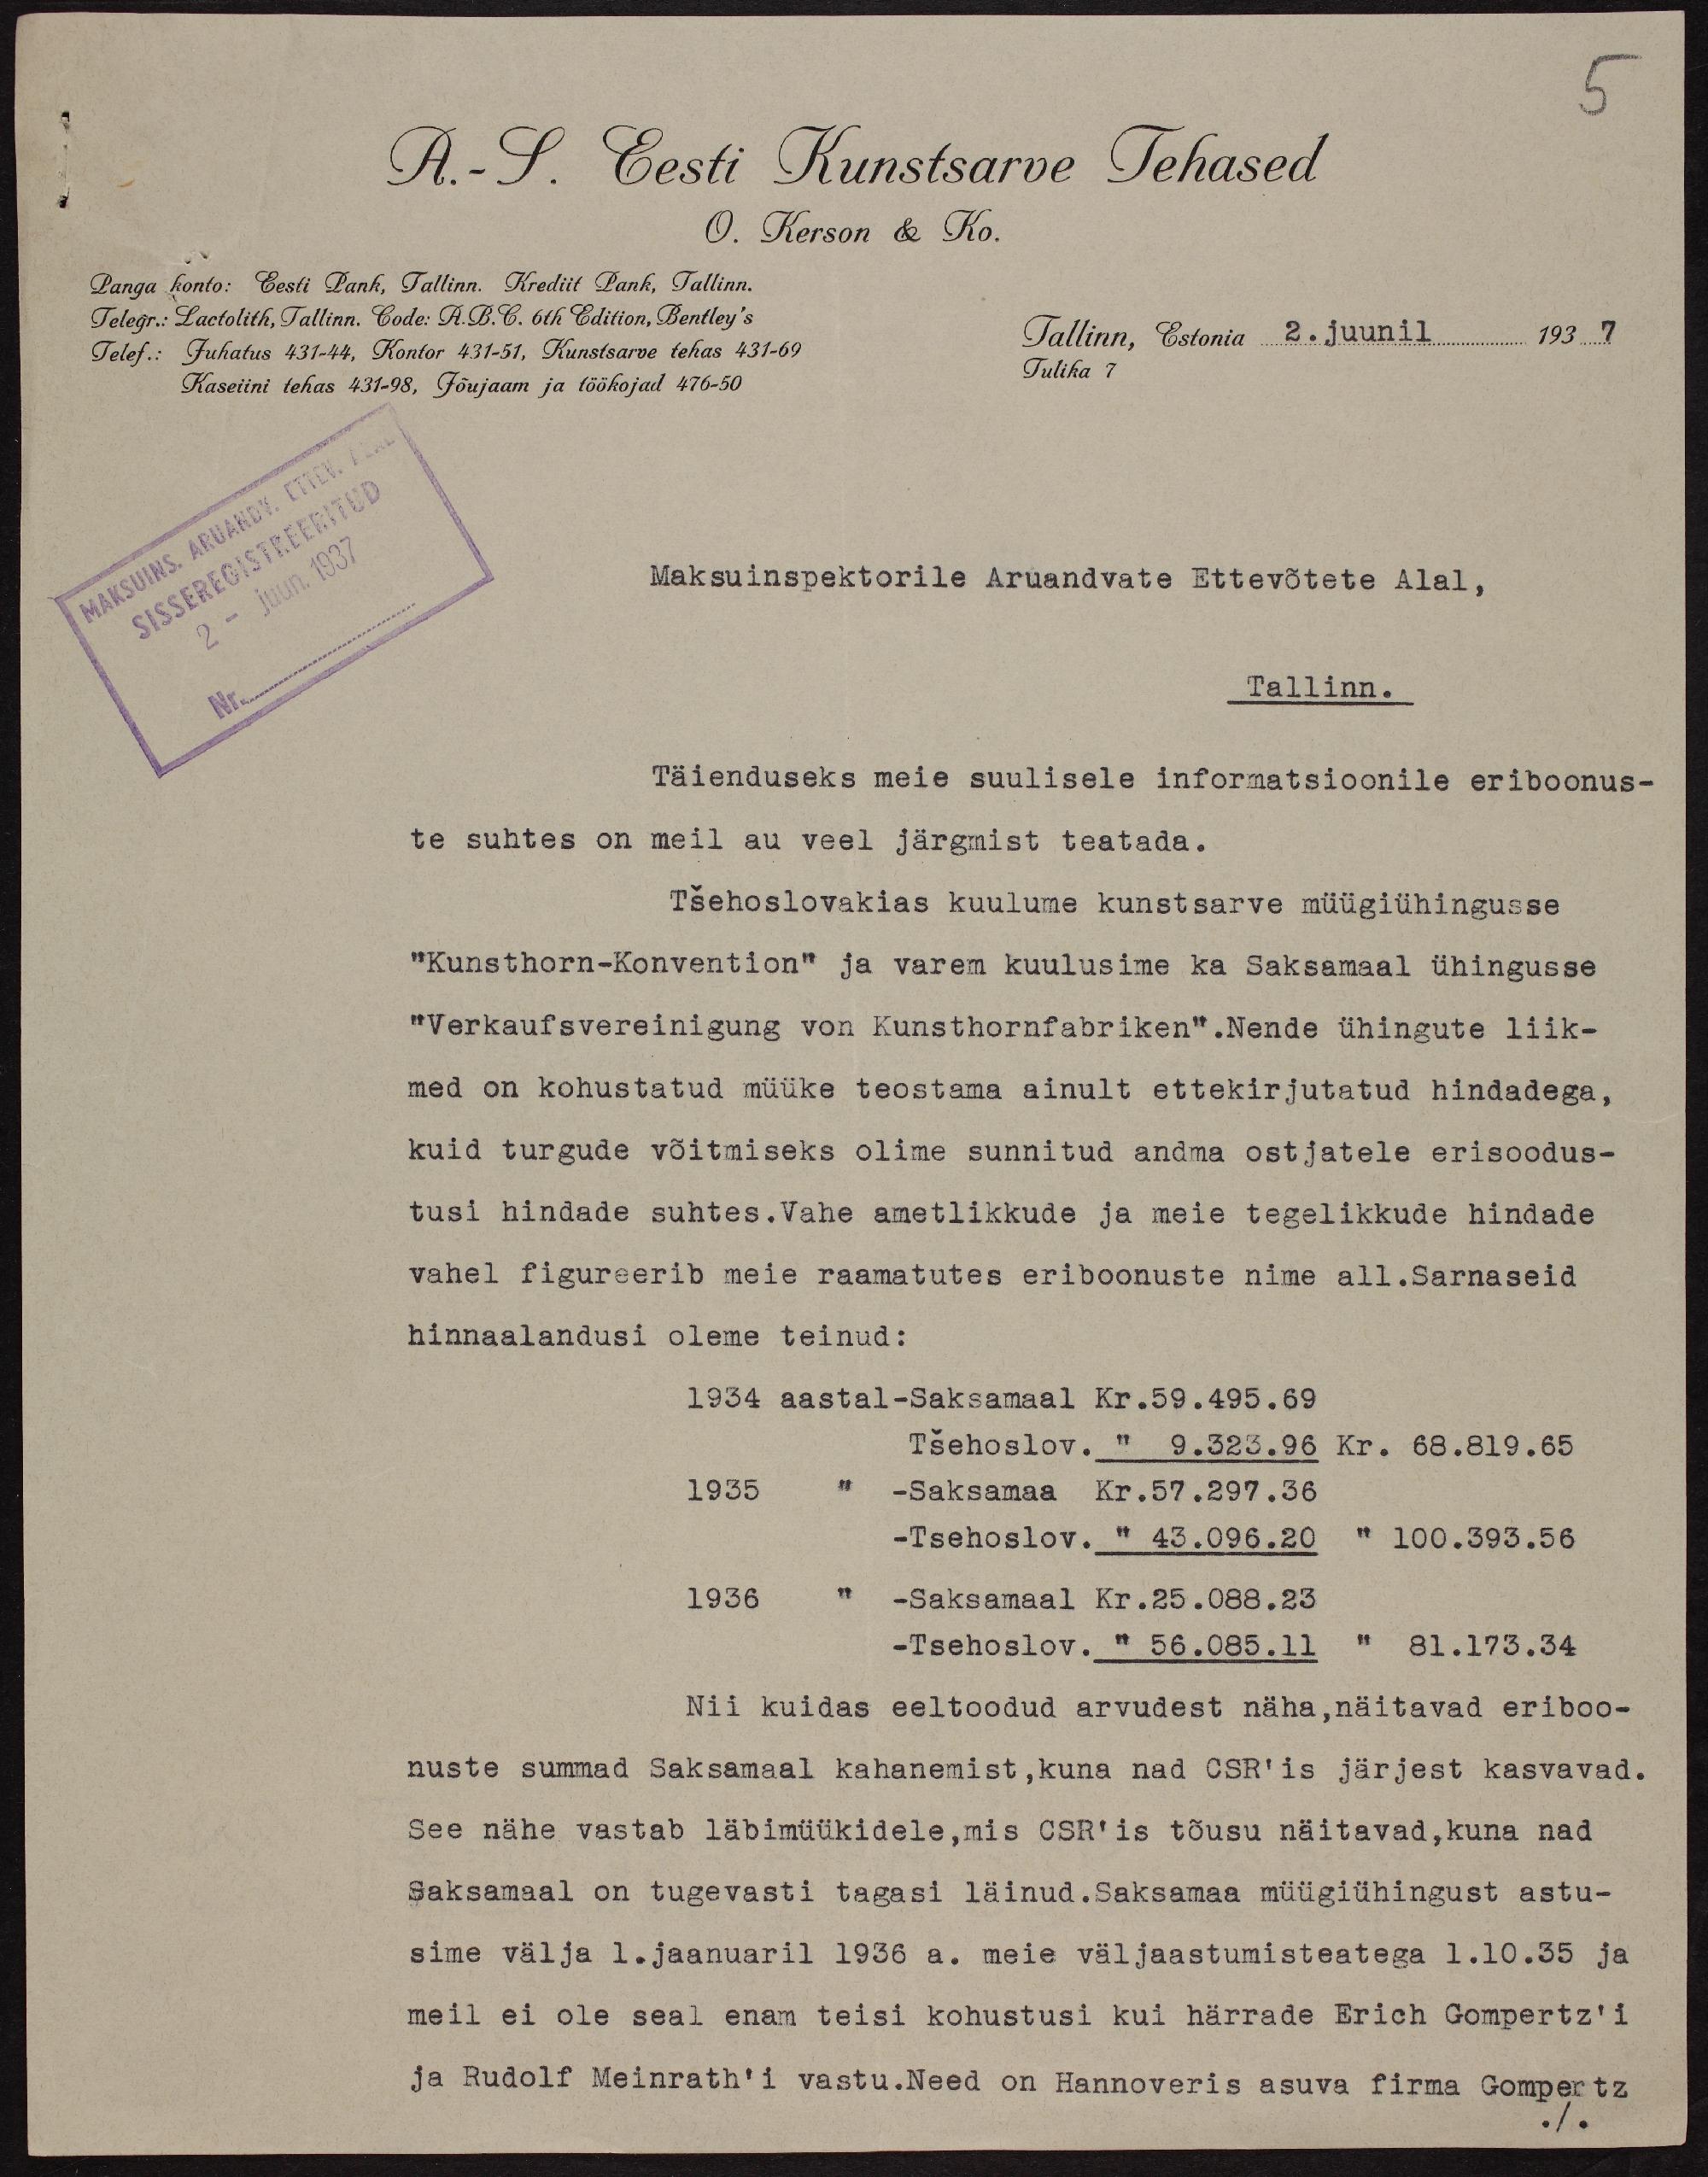 """Väljavõte """"Kerson ja Ko"""" - Eesti Kunstsarve Tehased maksutoimikust, 1936. ERA.72.2.7140"""